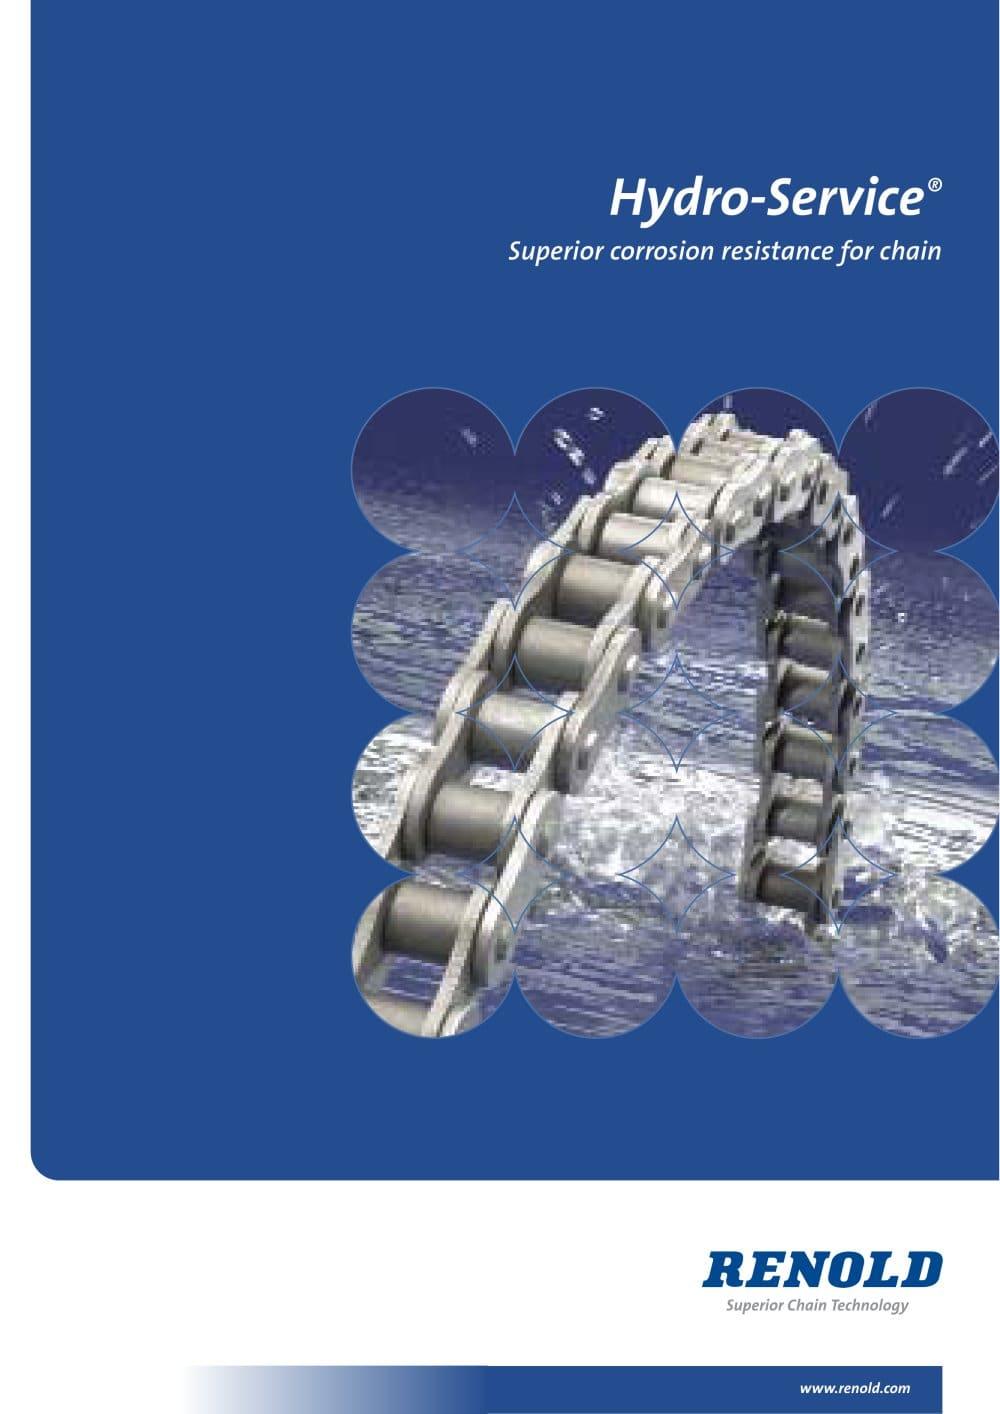 renold hydro-service chains